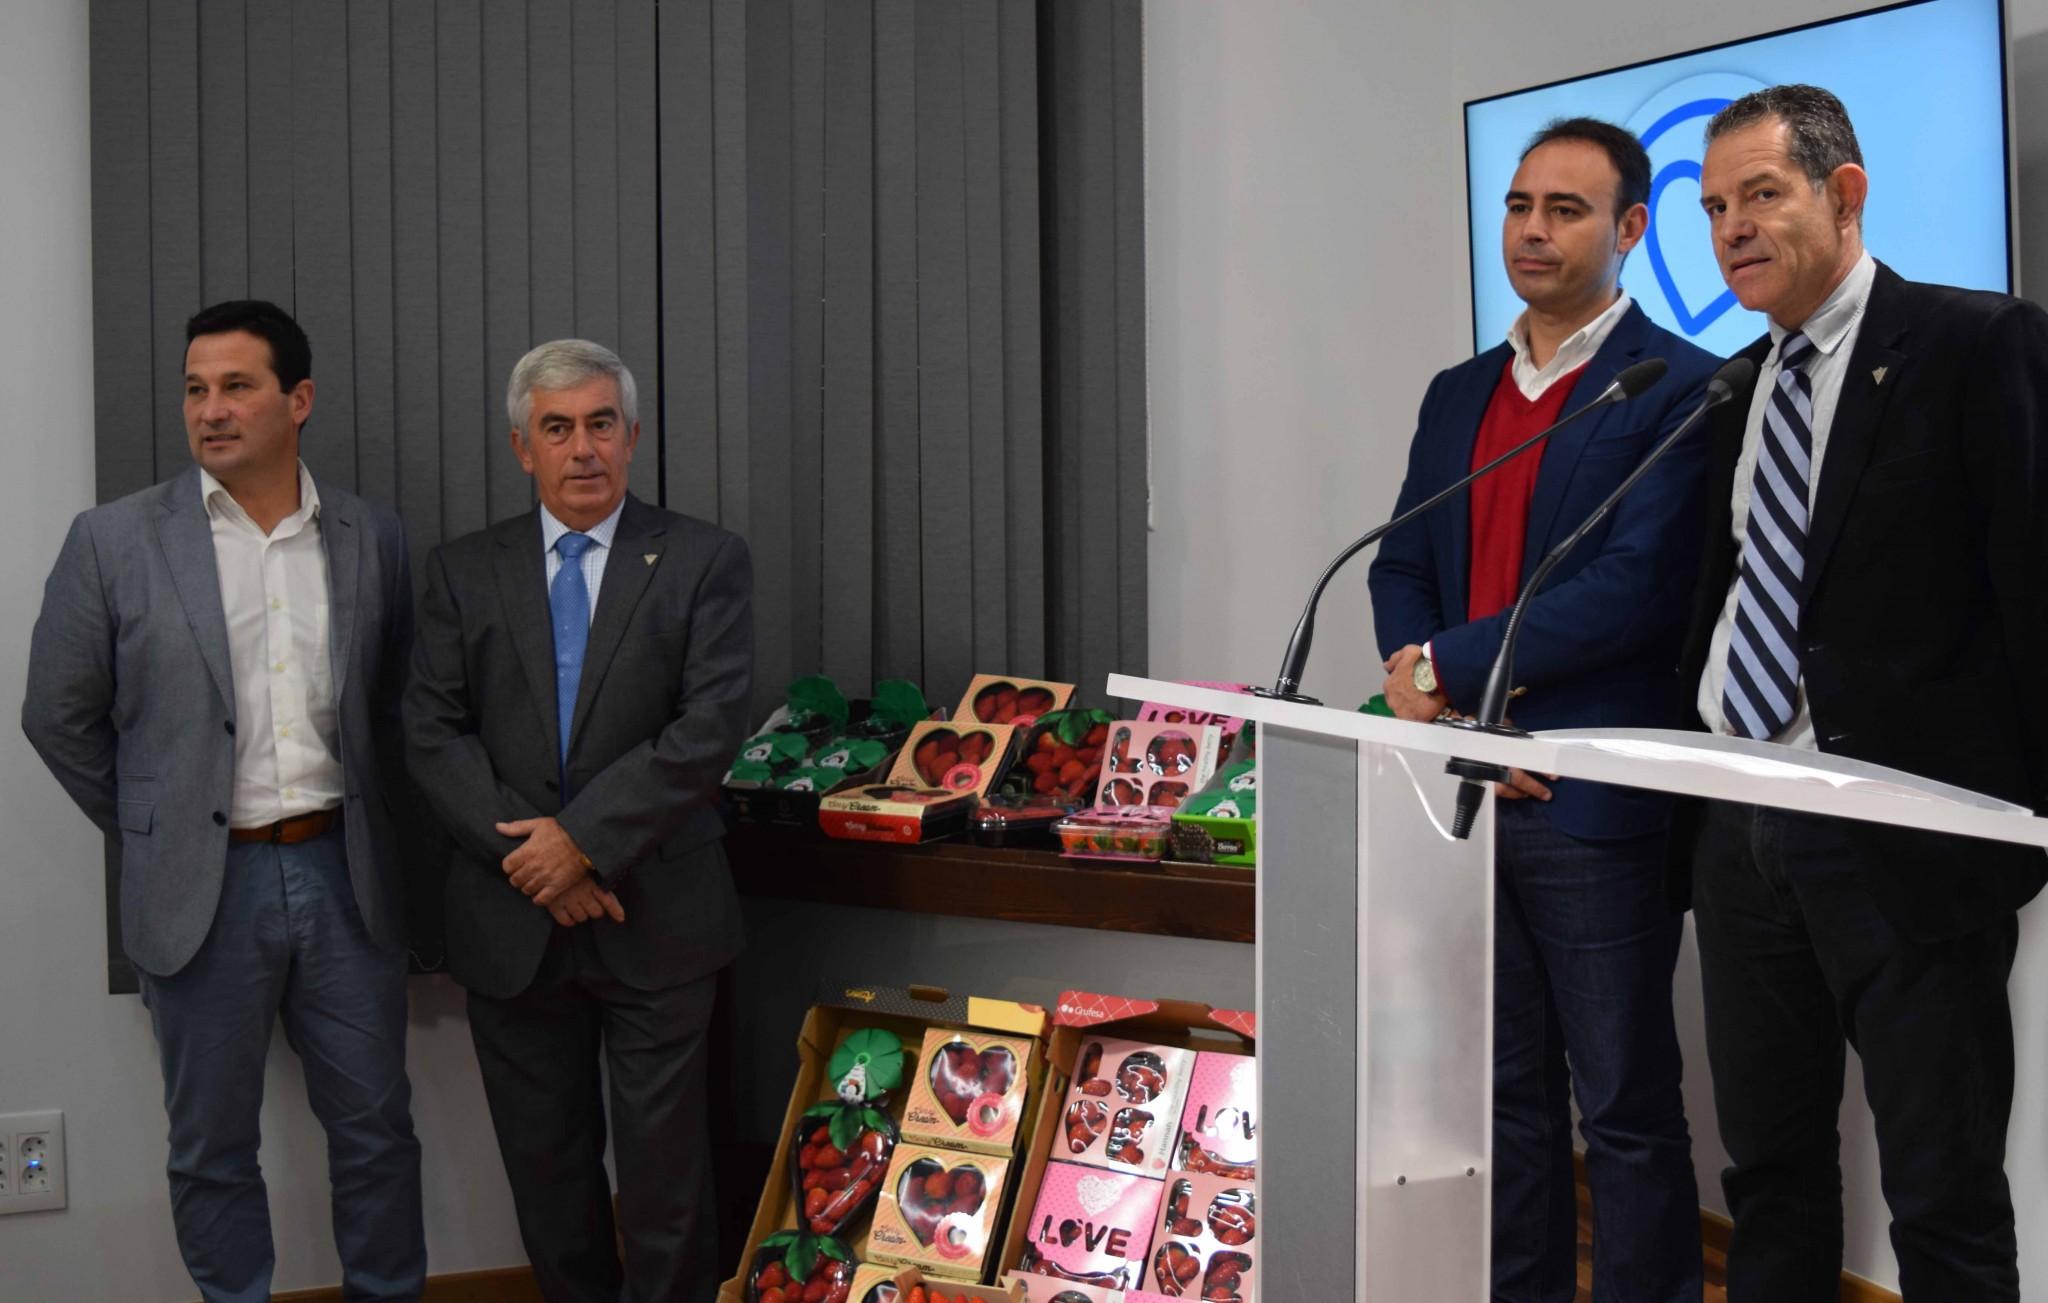 Los frutos rojos de Huelva estarán presentes en la feria Fruit Logística de Berlín